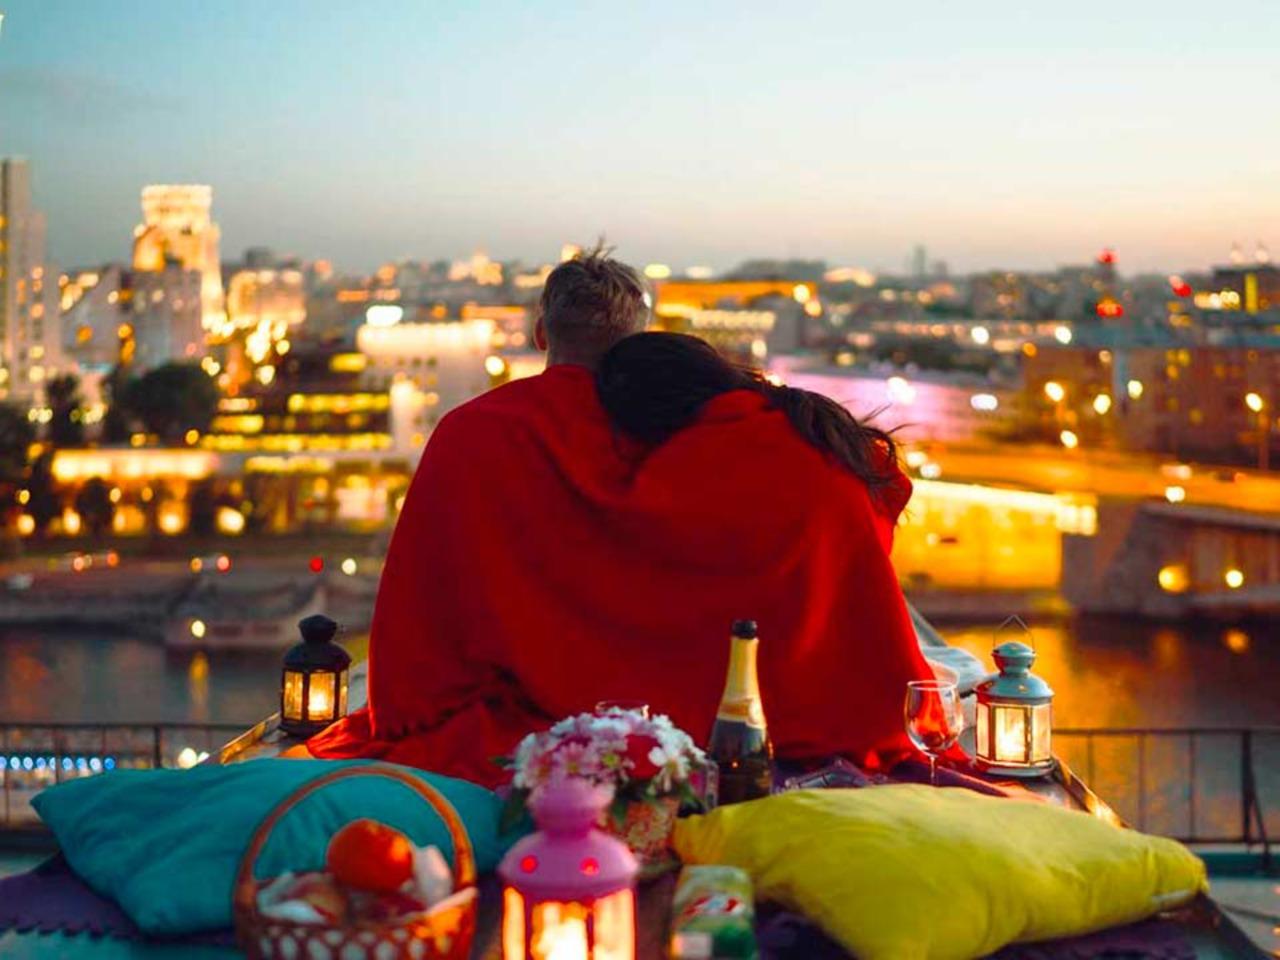 Дороги любви в Москве - индивидуальная экскурсия по Москве от опытного гида